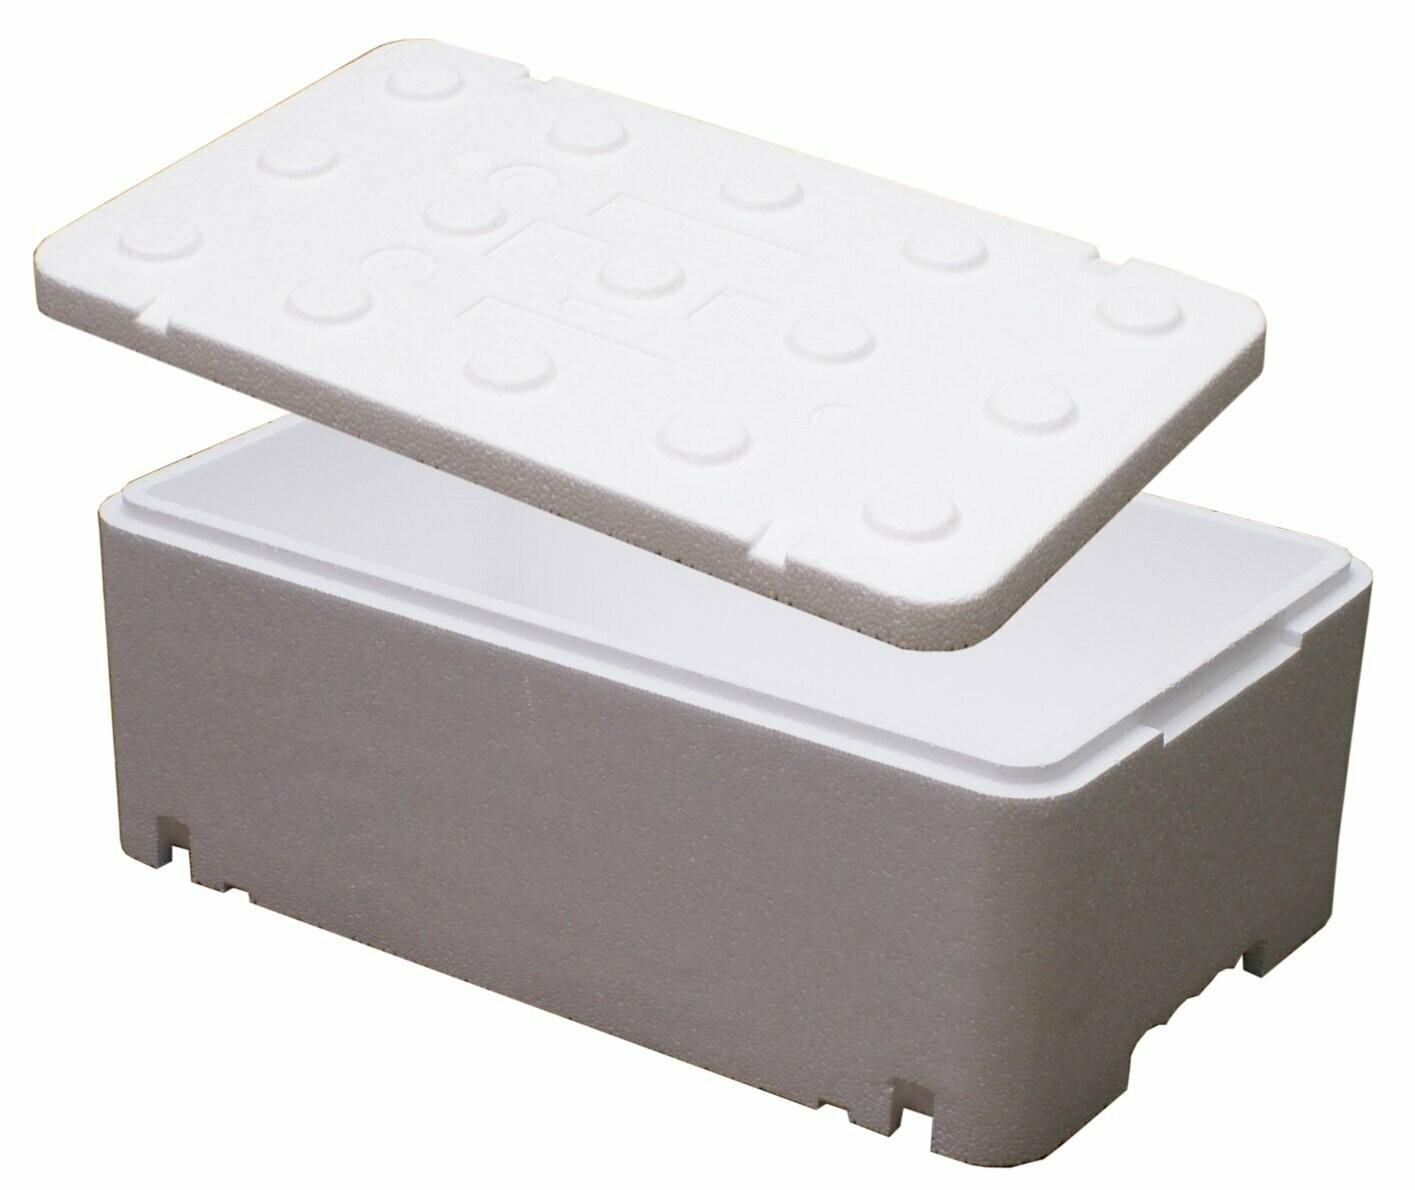 FB213 pudełko termoizolacyjne 500x300x200  poj. 20,08 litra